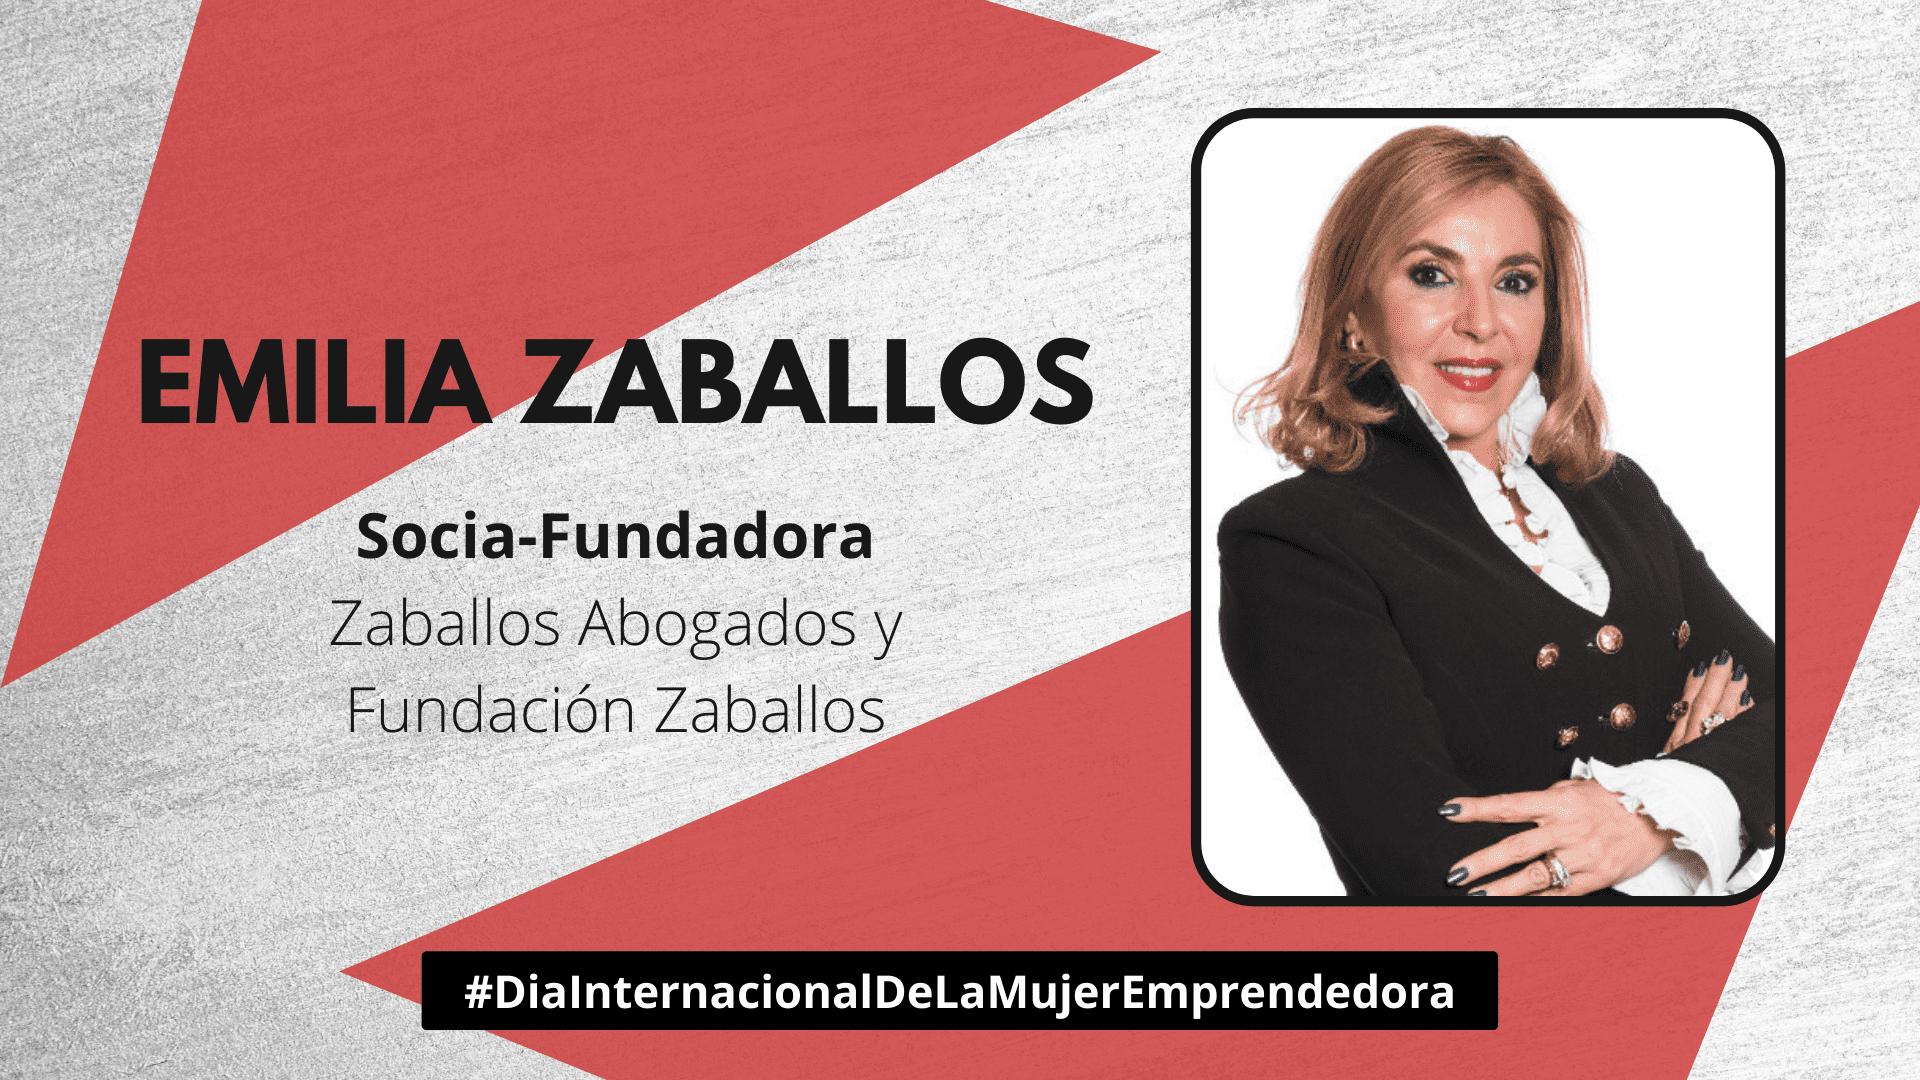 Emilia Zaballos - Día de la Mujer Emprendedora